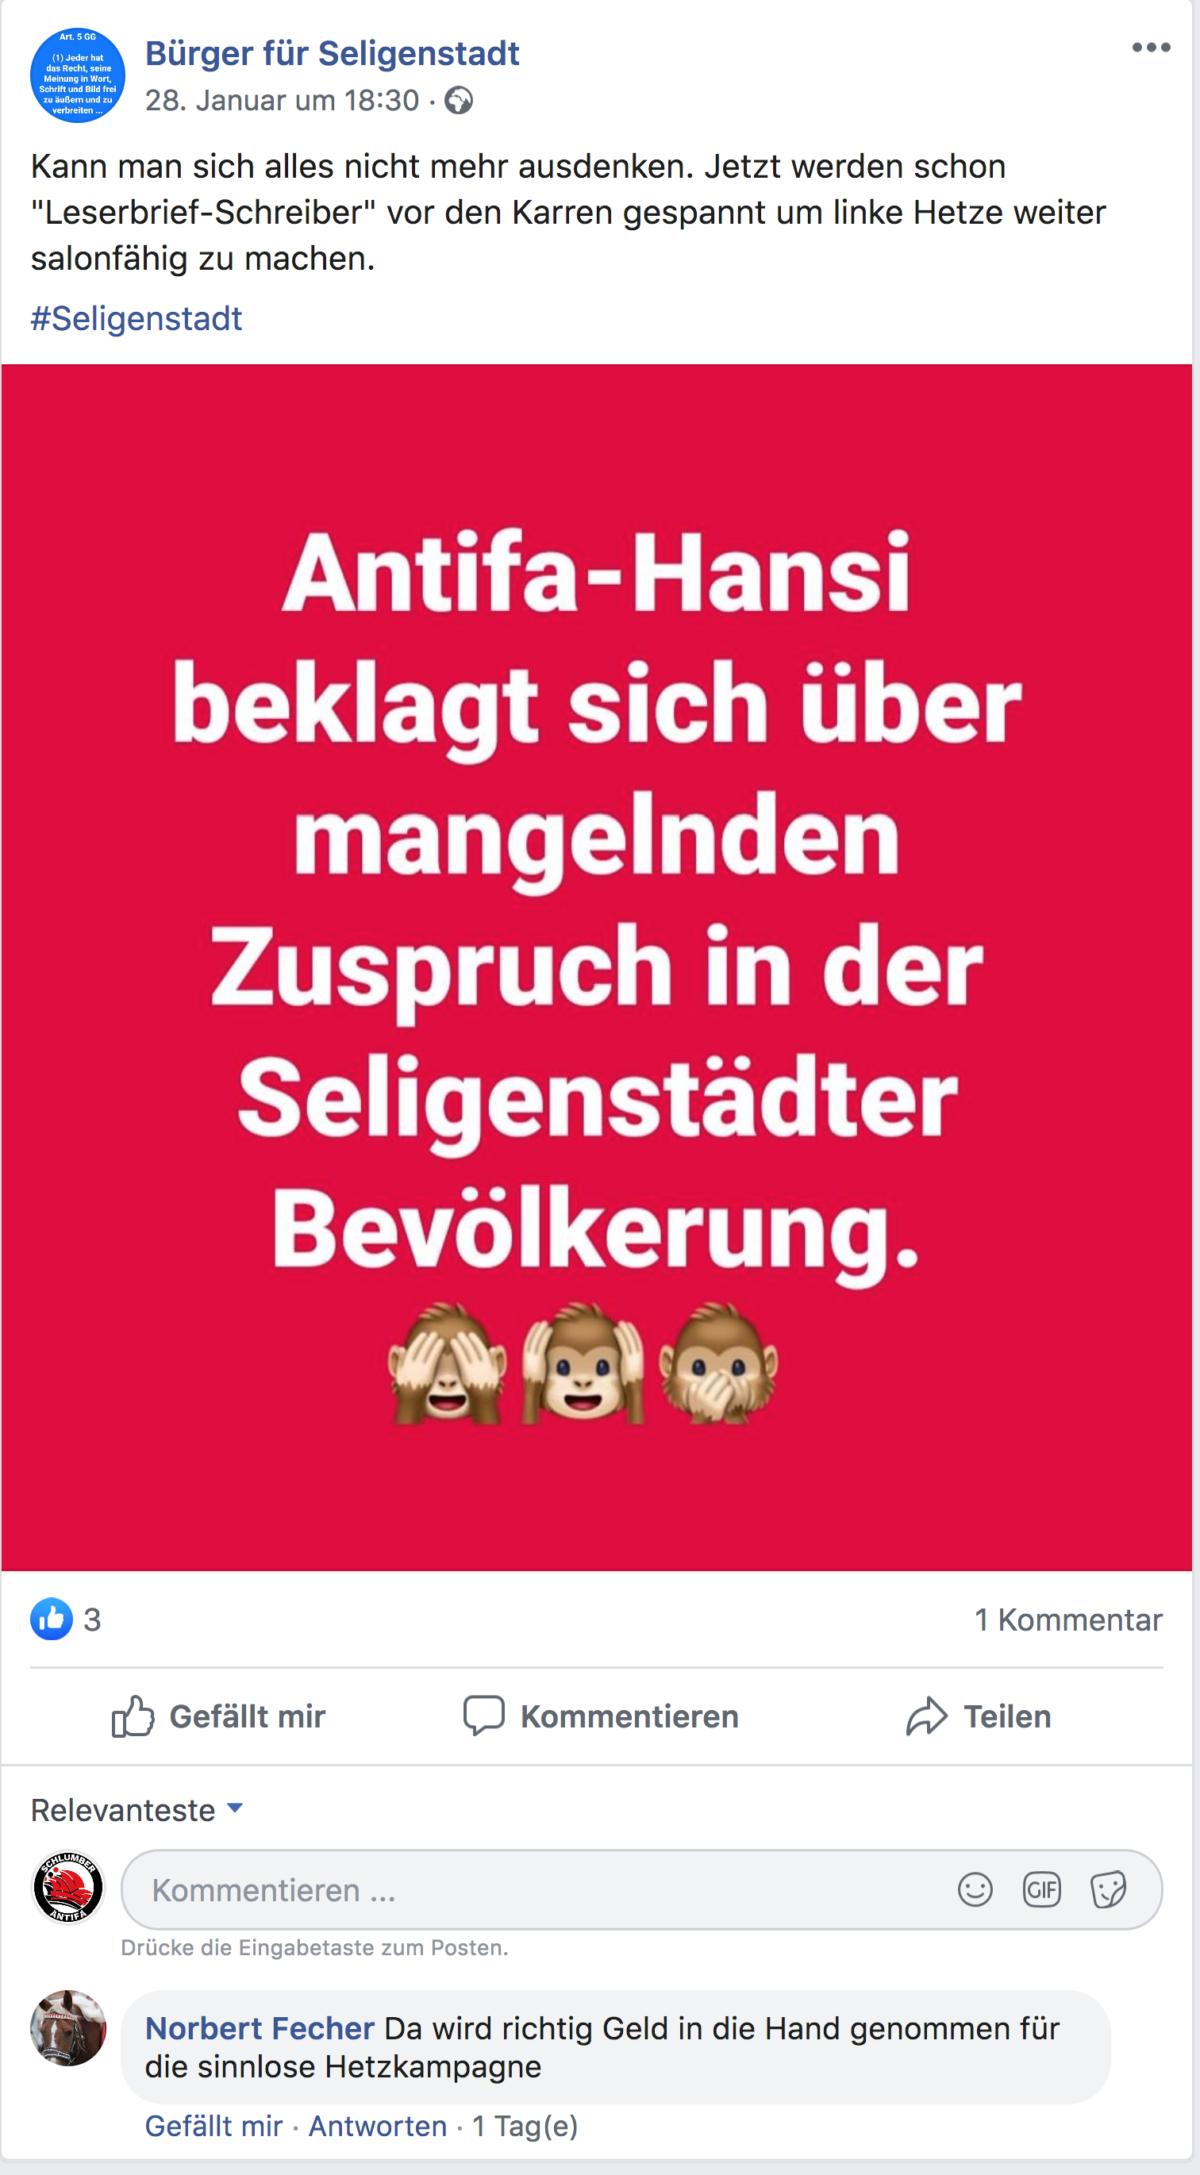 Bürger für Seligenstadt,BfS pic_20974